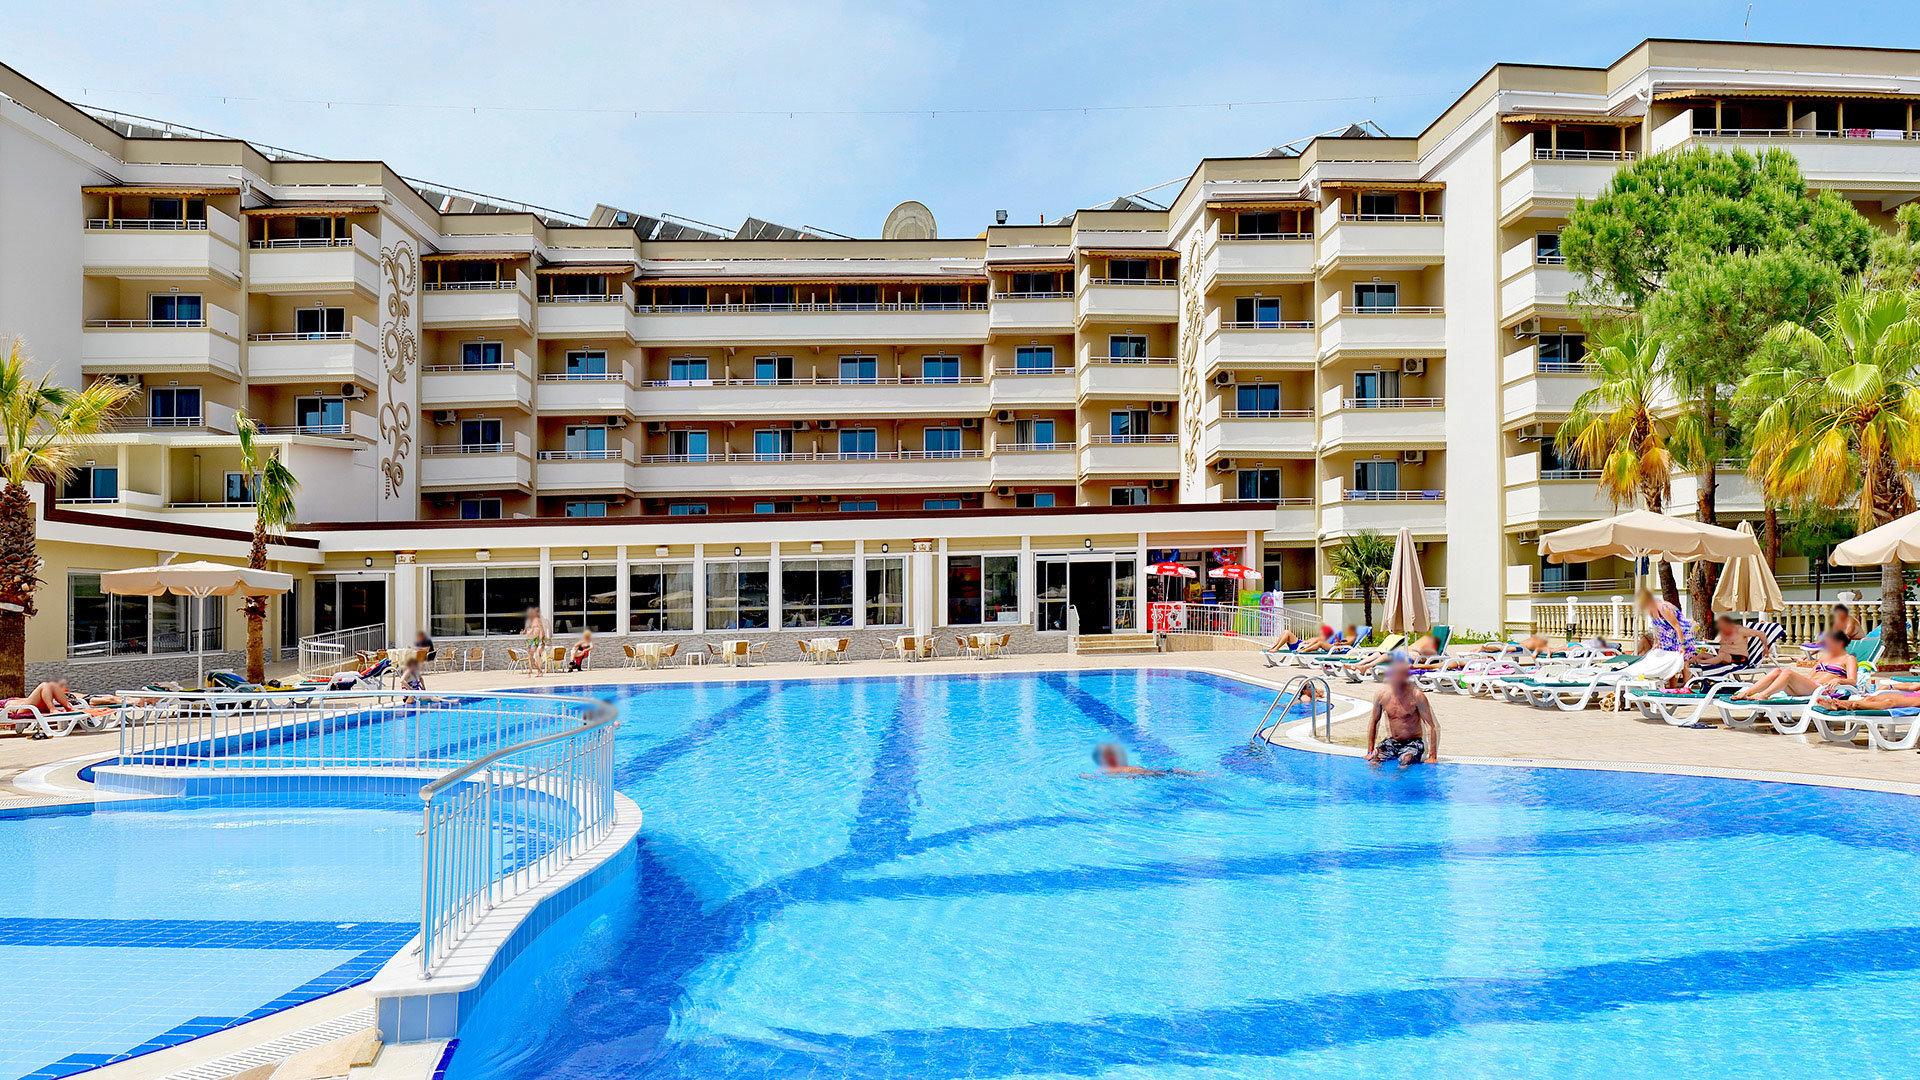 Hotel Linda Resort